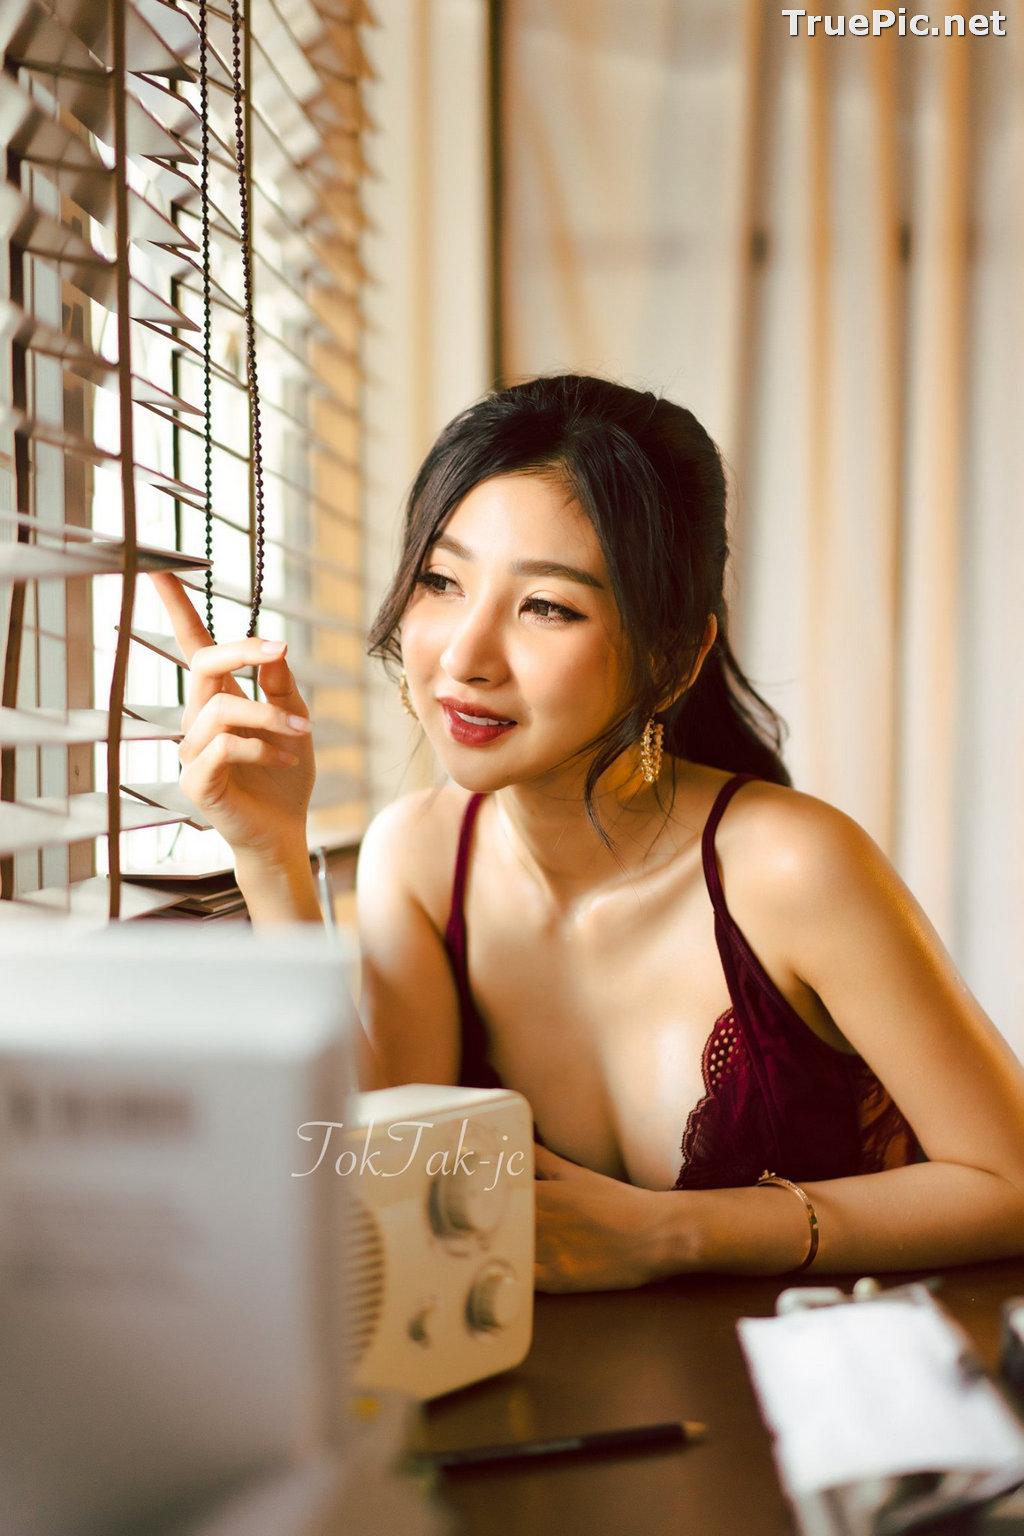 Image Thailand Model - Pattamaporn Keawkum - Red Plum Lingerie - TruePic.net - Picture-5